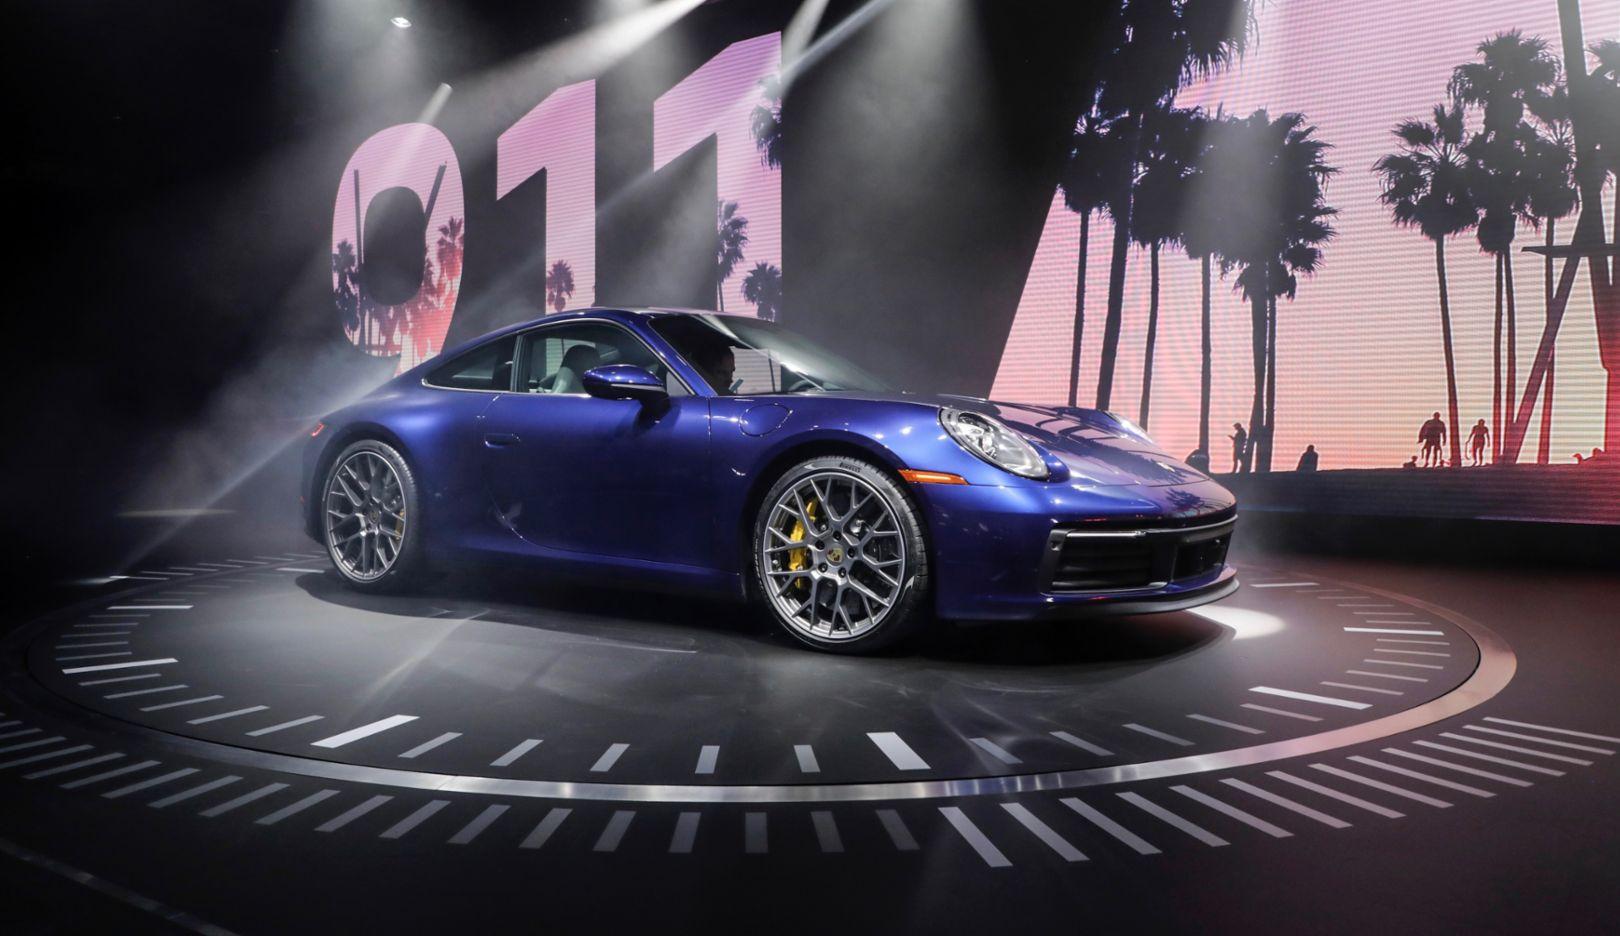 New Porsche 911 >> The New Porsche 911 A Design Icon And High Tech Sports Car